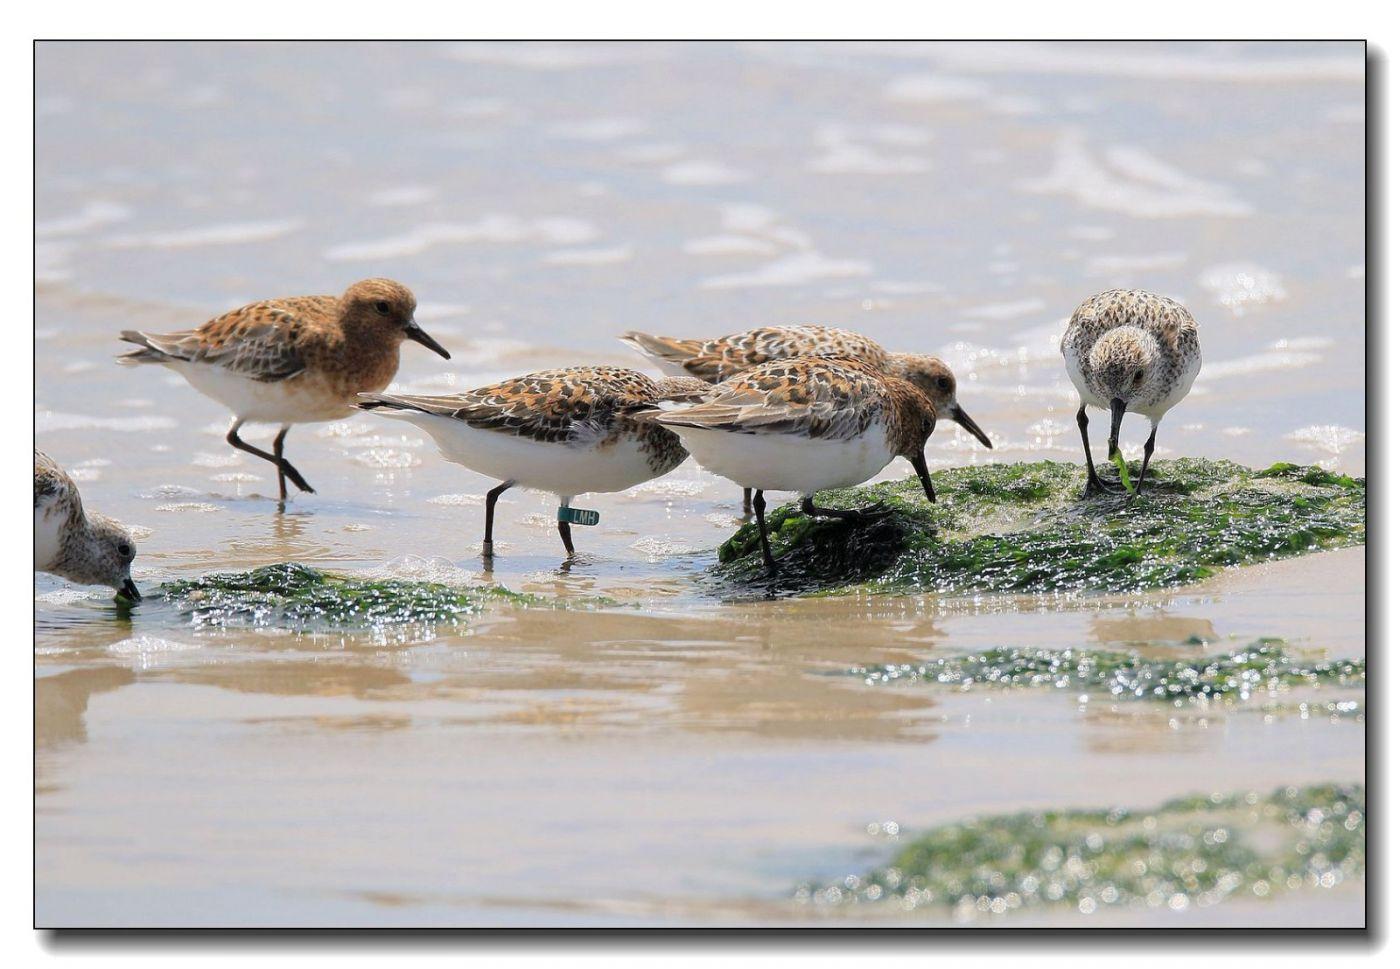 洛克威海滩拍鸟—滨鹬_图1-10